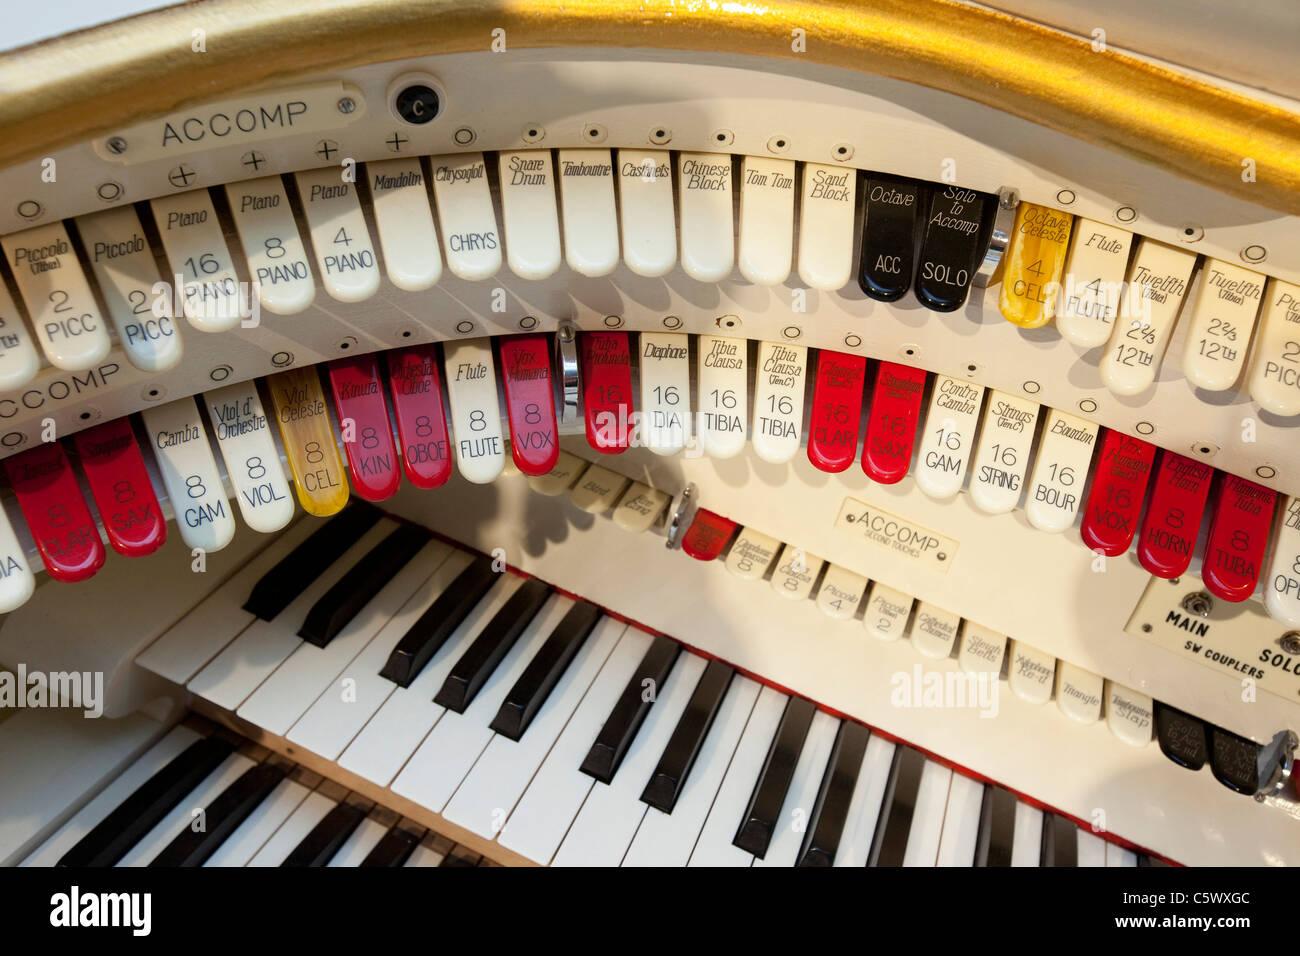 Die Tastatur einer Wurlitzer Orgel installiert in Folly Farm, Kilgetty Wales Großbritannien. Stockbild